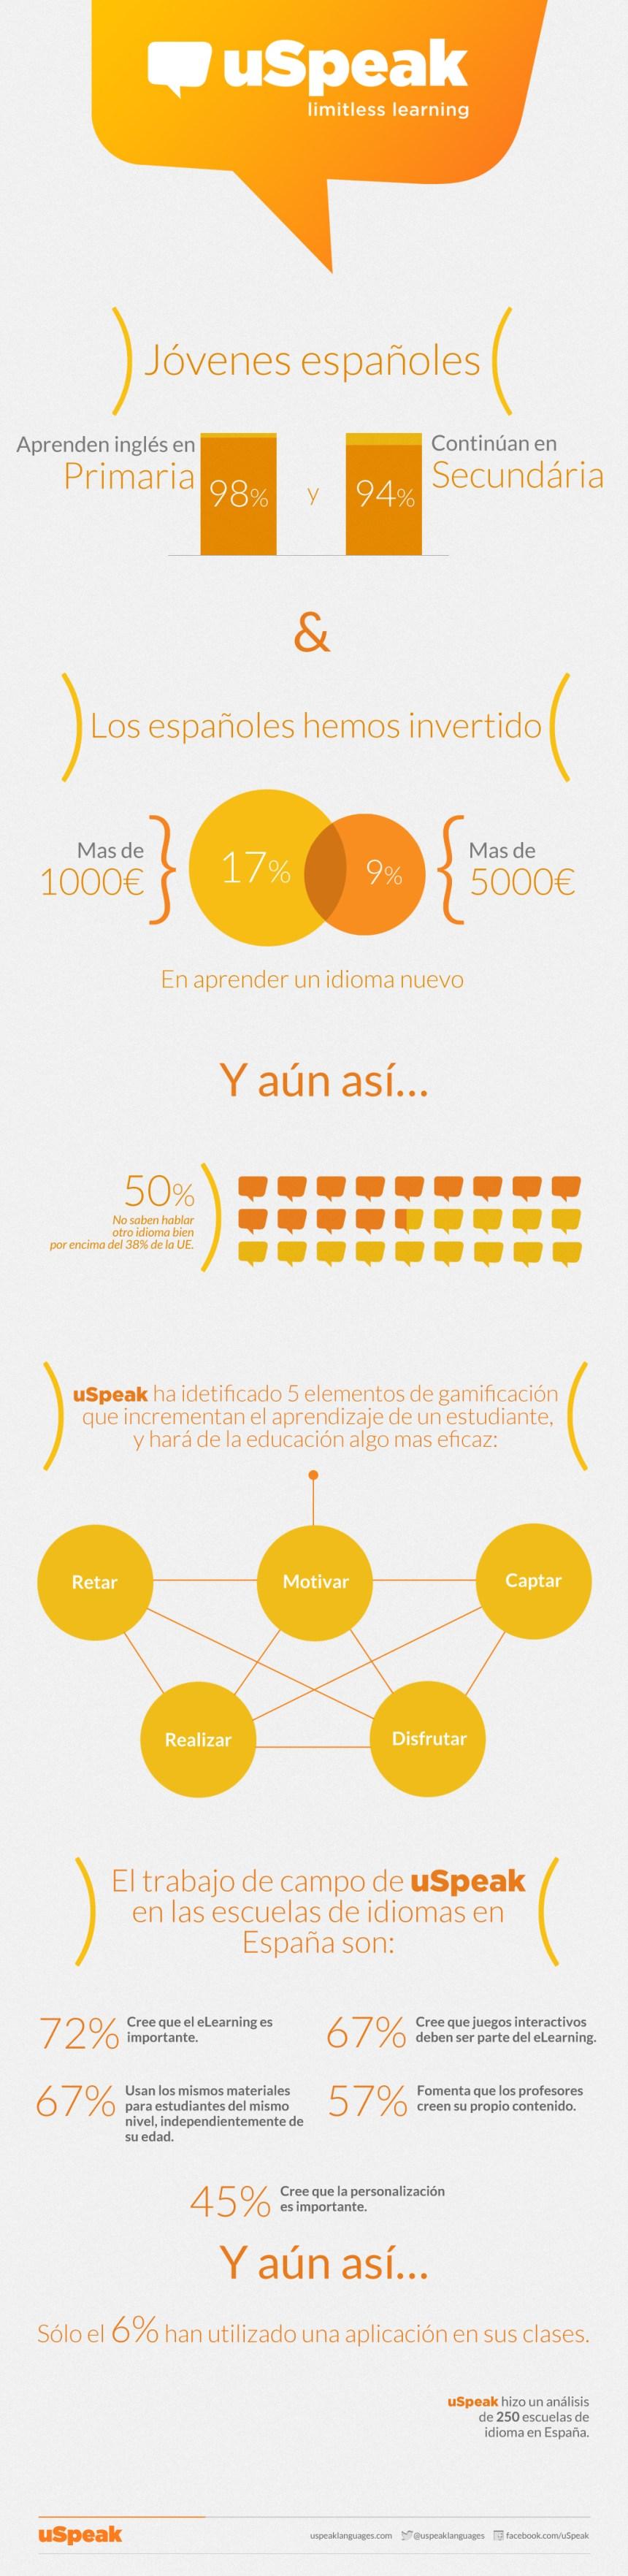 La gamificación ayuda a aprender idiomas